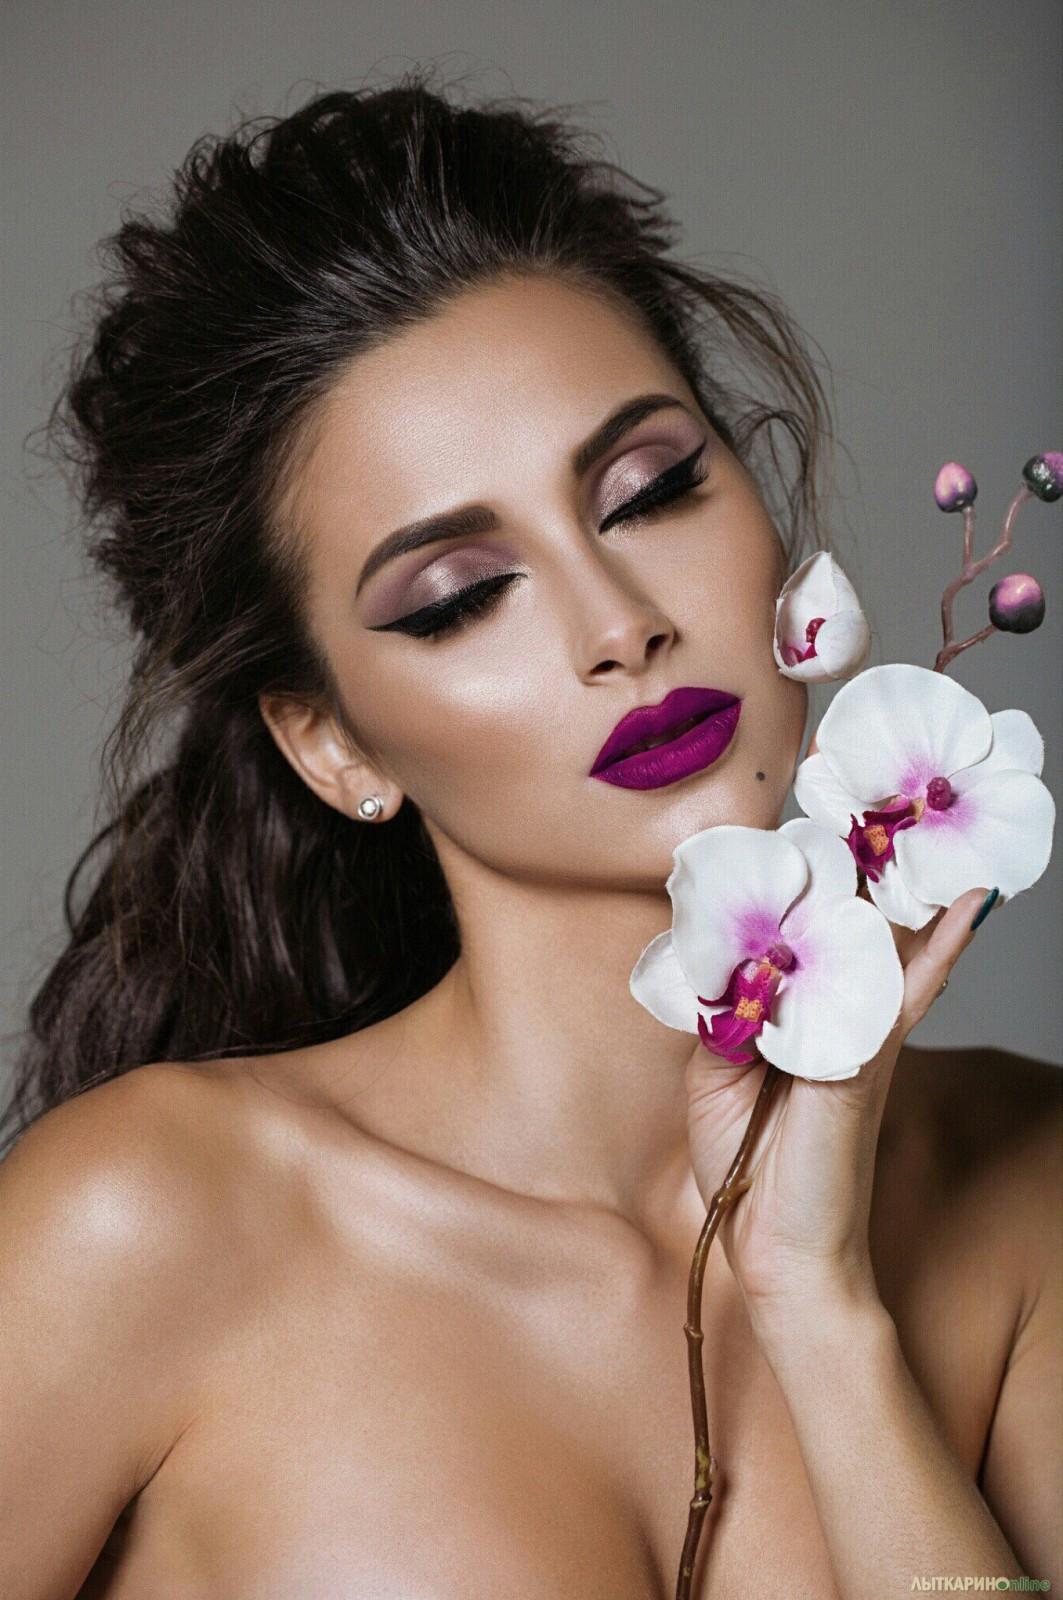 Работа девушке моделью лыткарино работа девушка модель для фотосессии